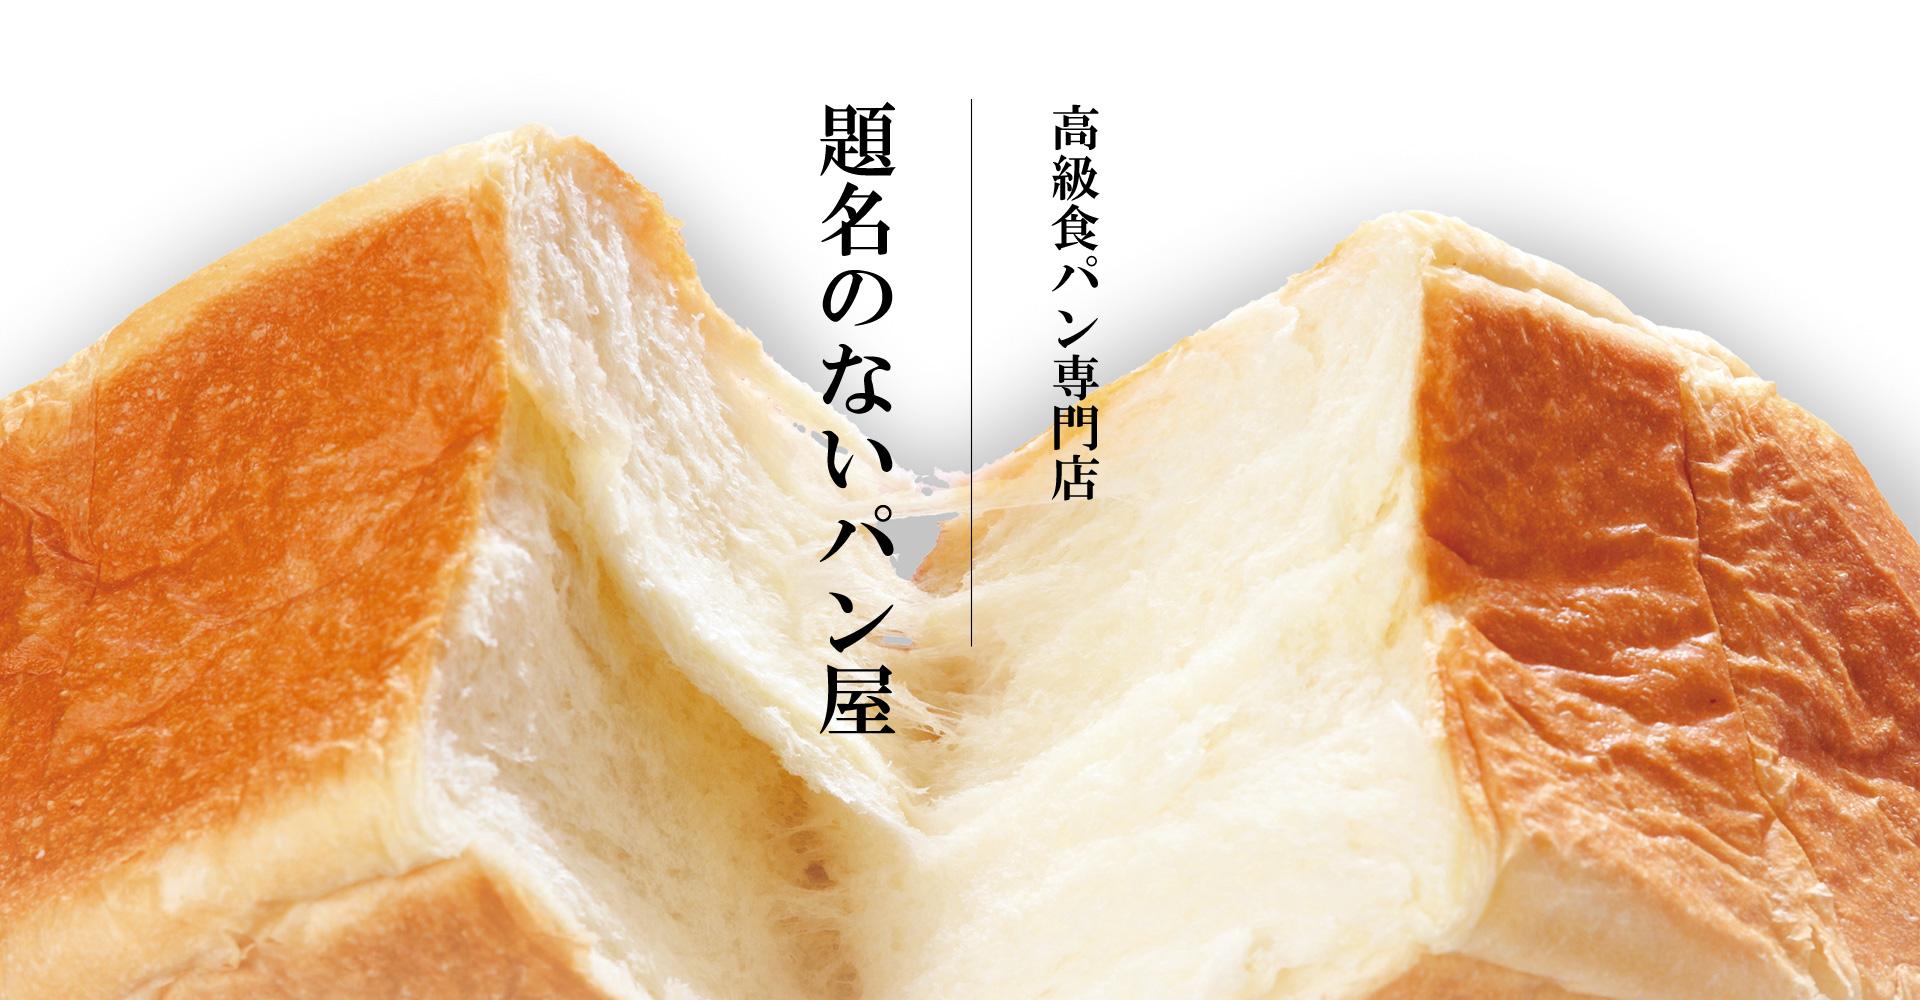 の ない 屋 題名 パン